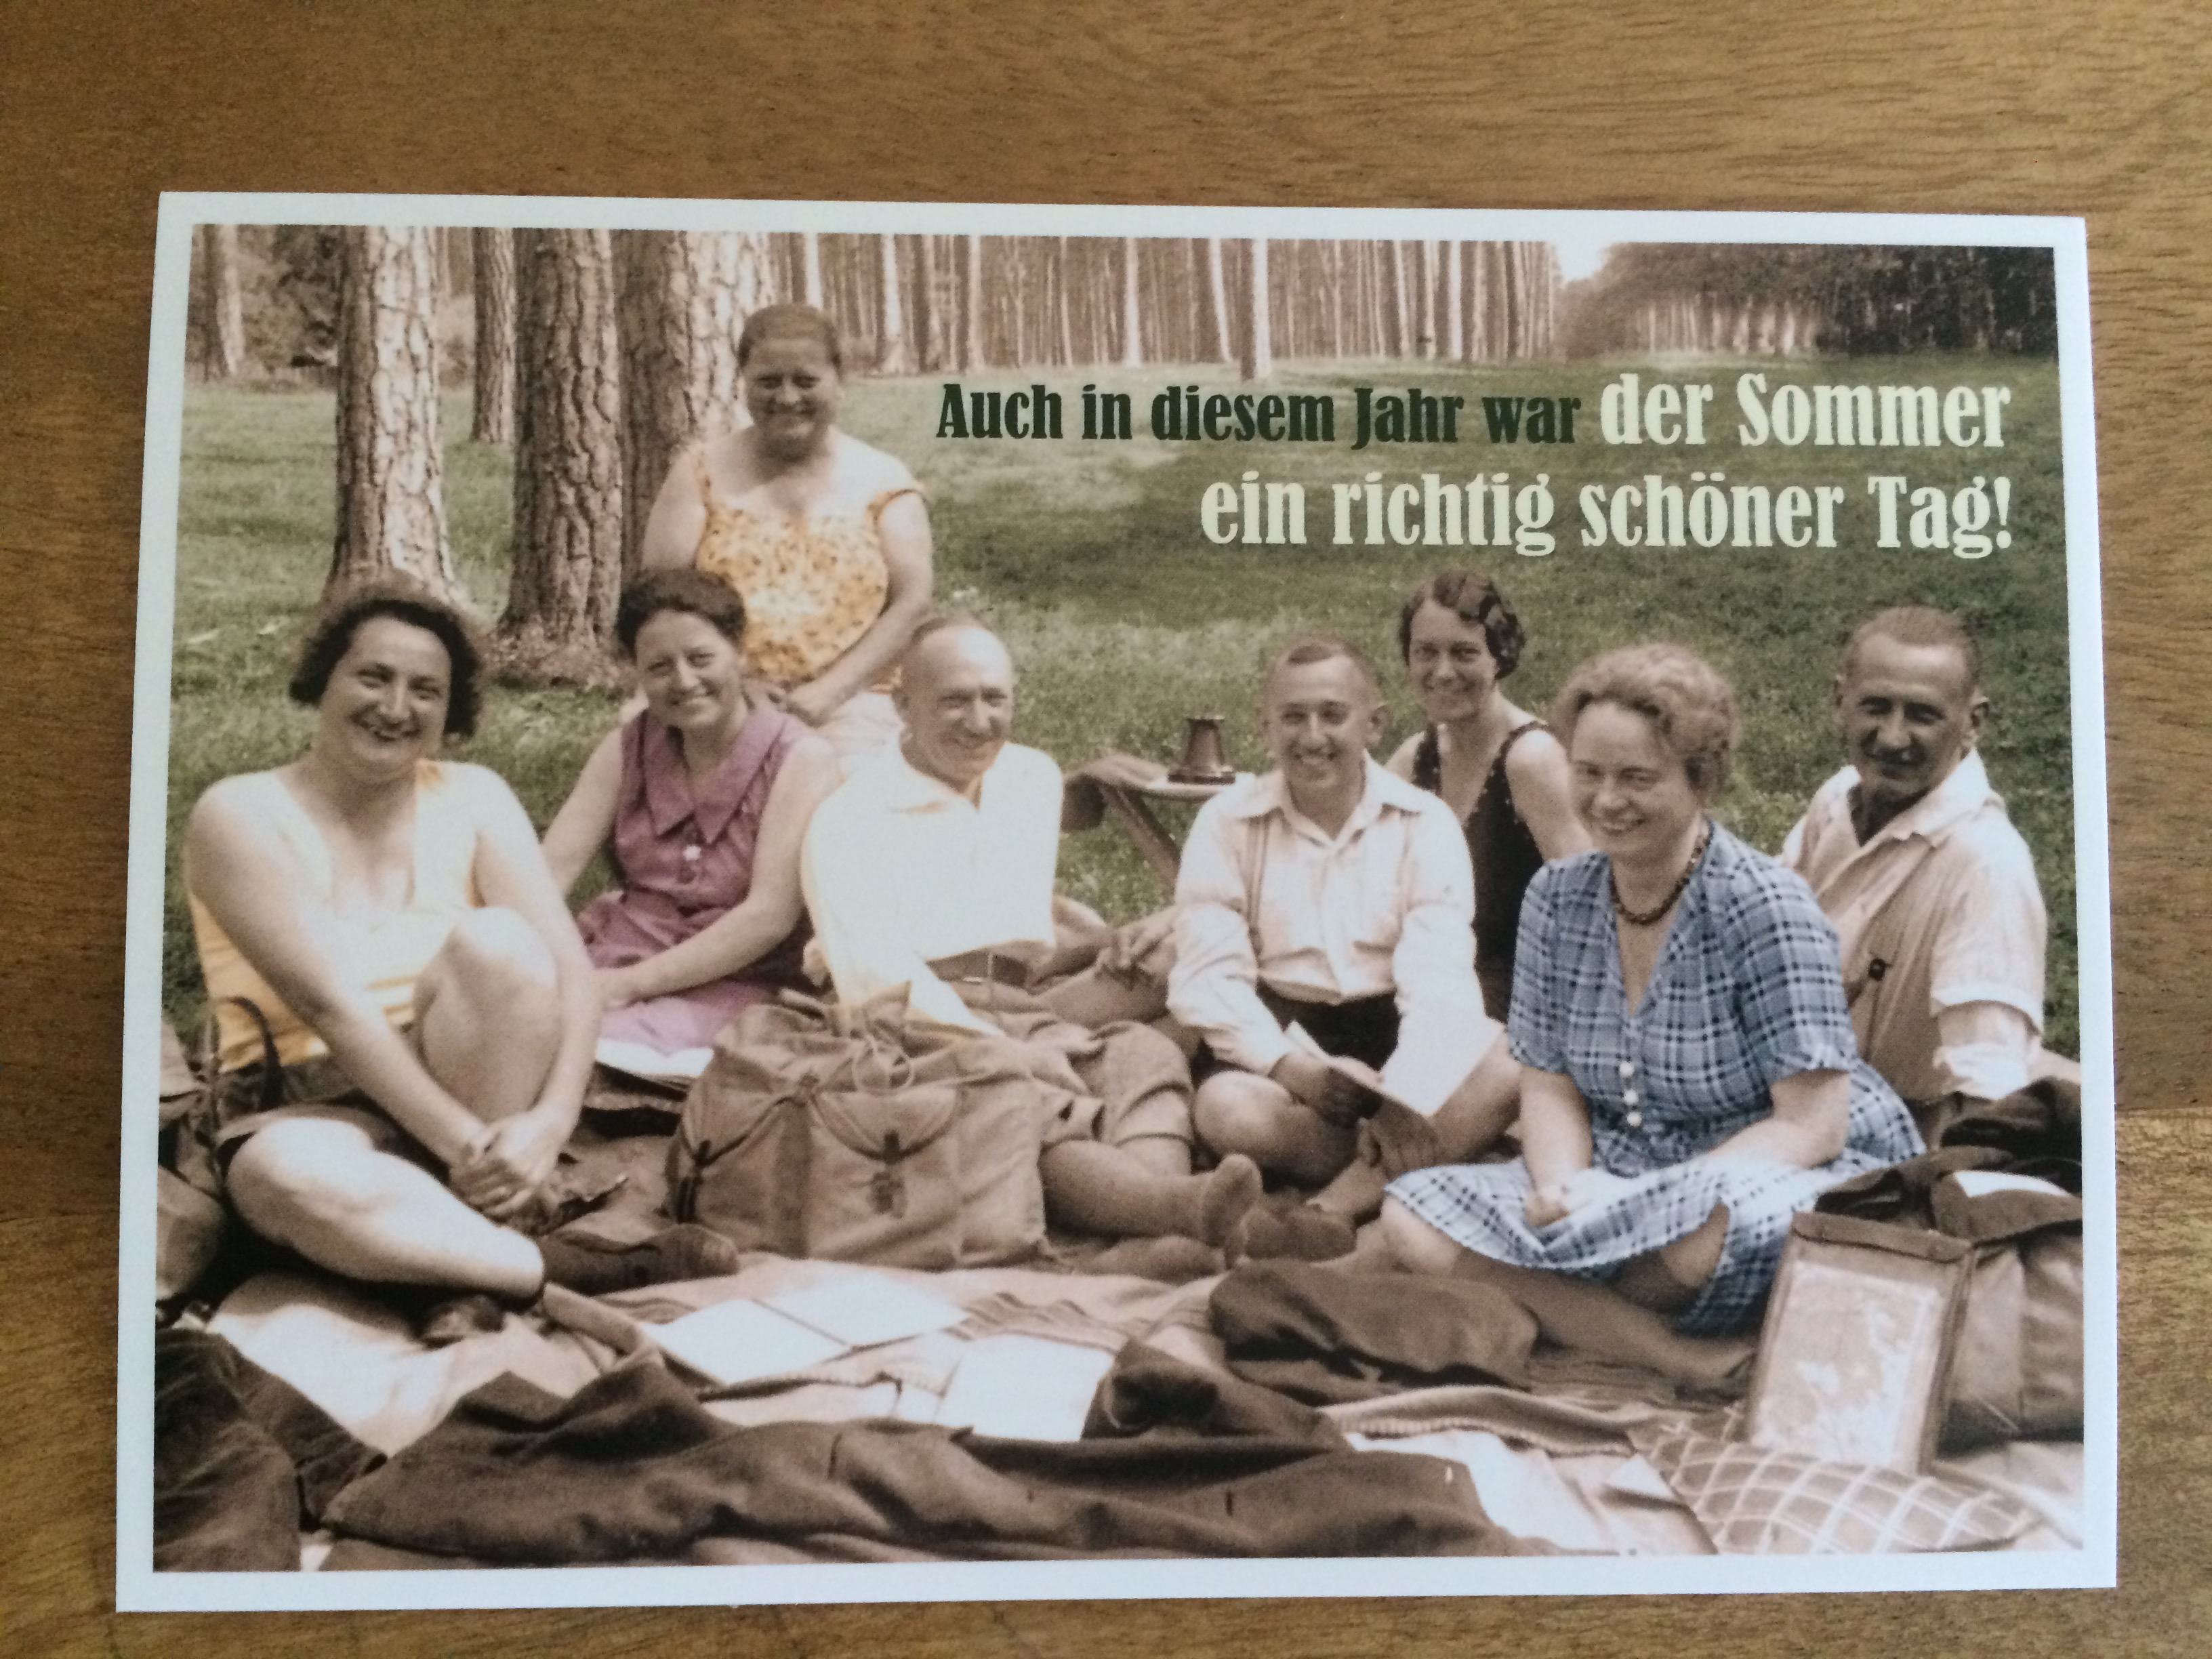 Nützlichgrusskarten - Postkarte Karte Auch in diesem Jahr war der Sommer ein richtig schöner Tag Paloma - Onlineshop Tante Emmer